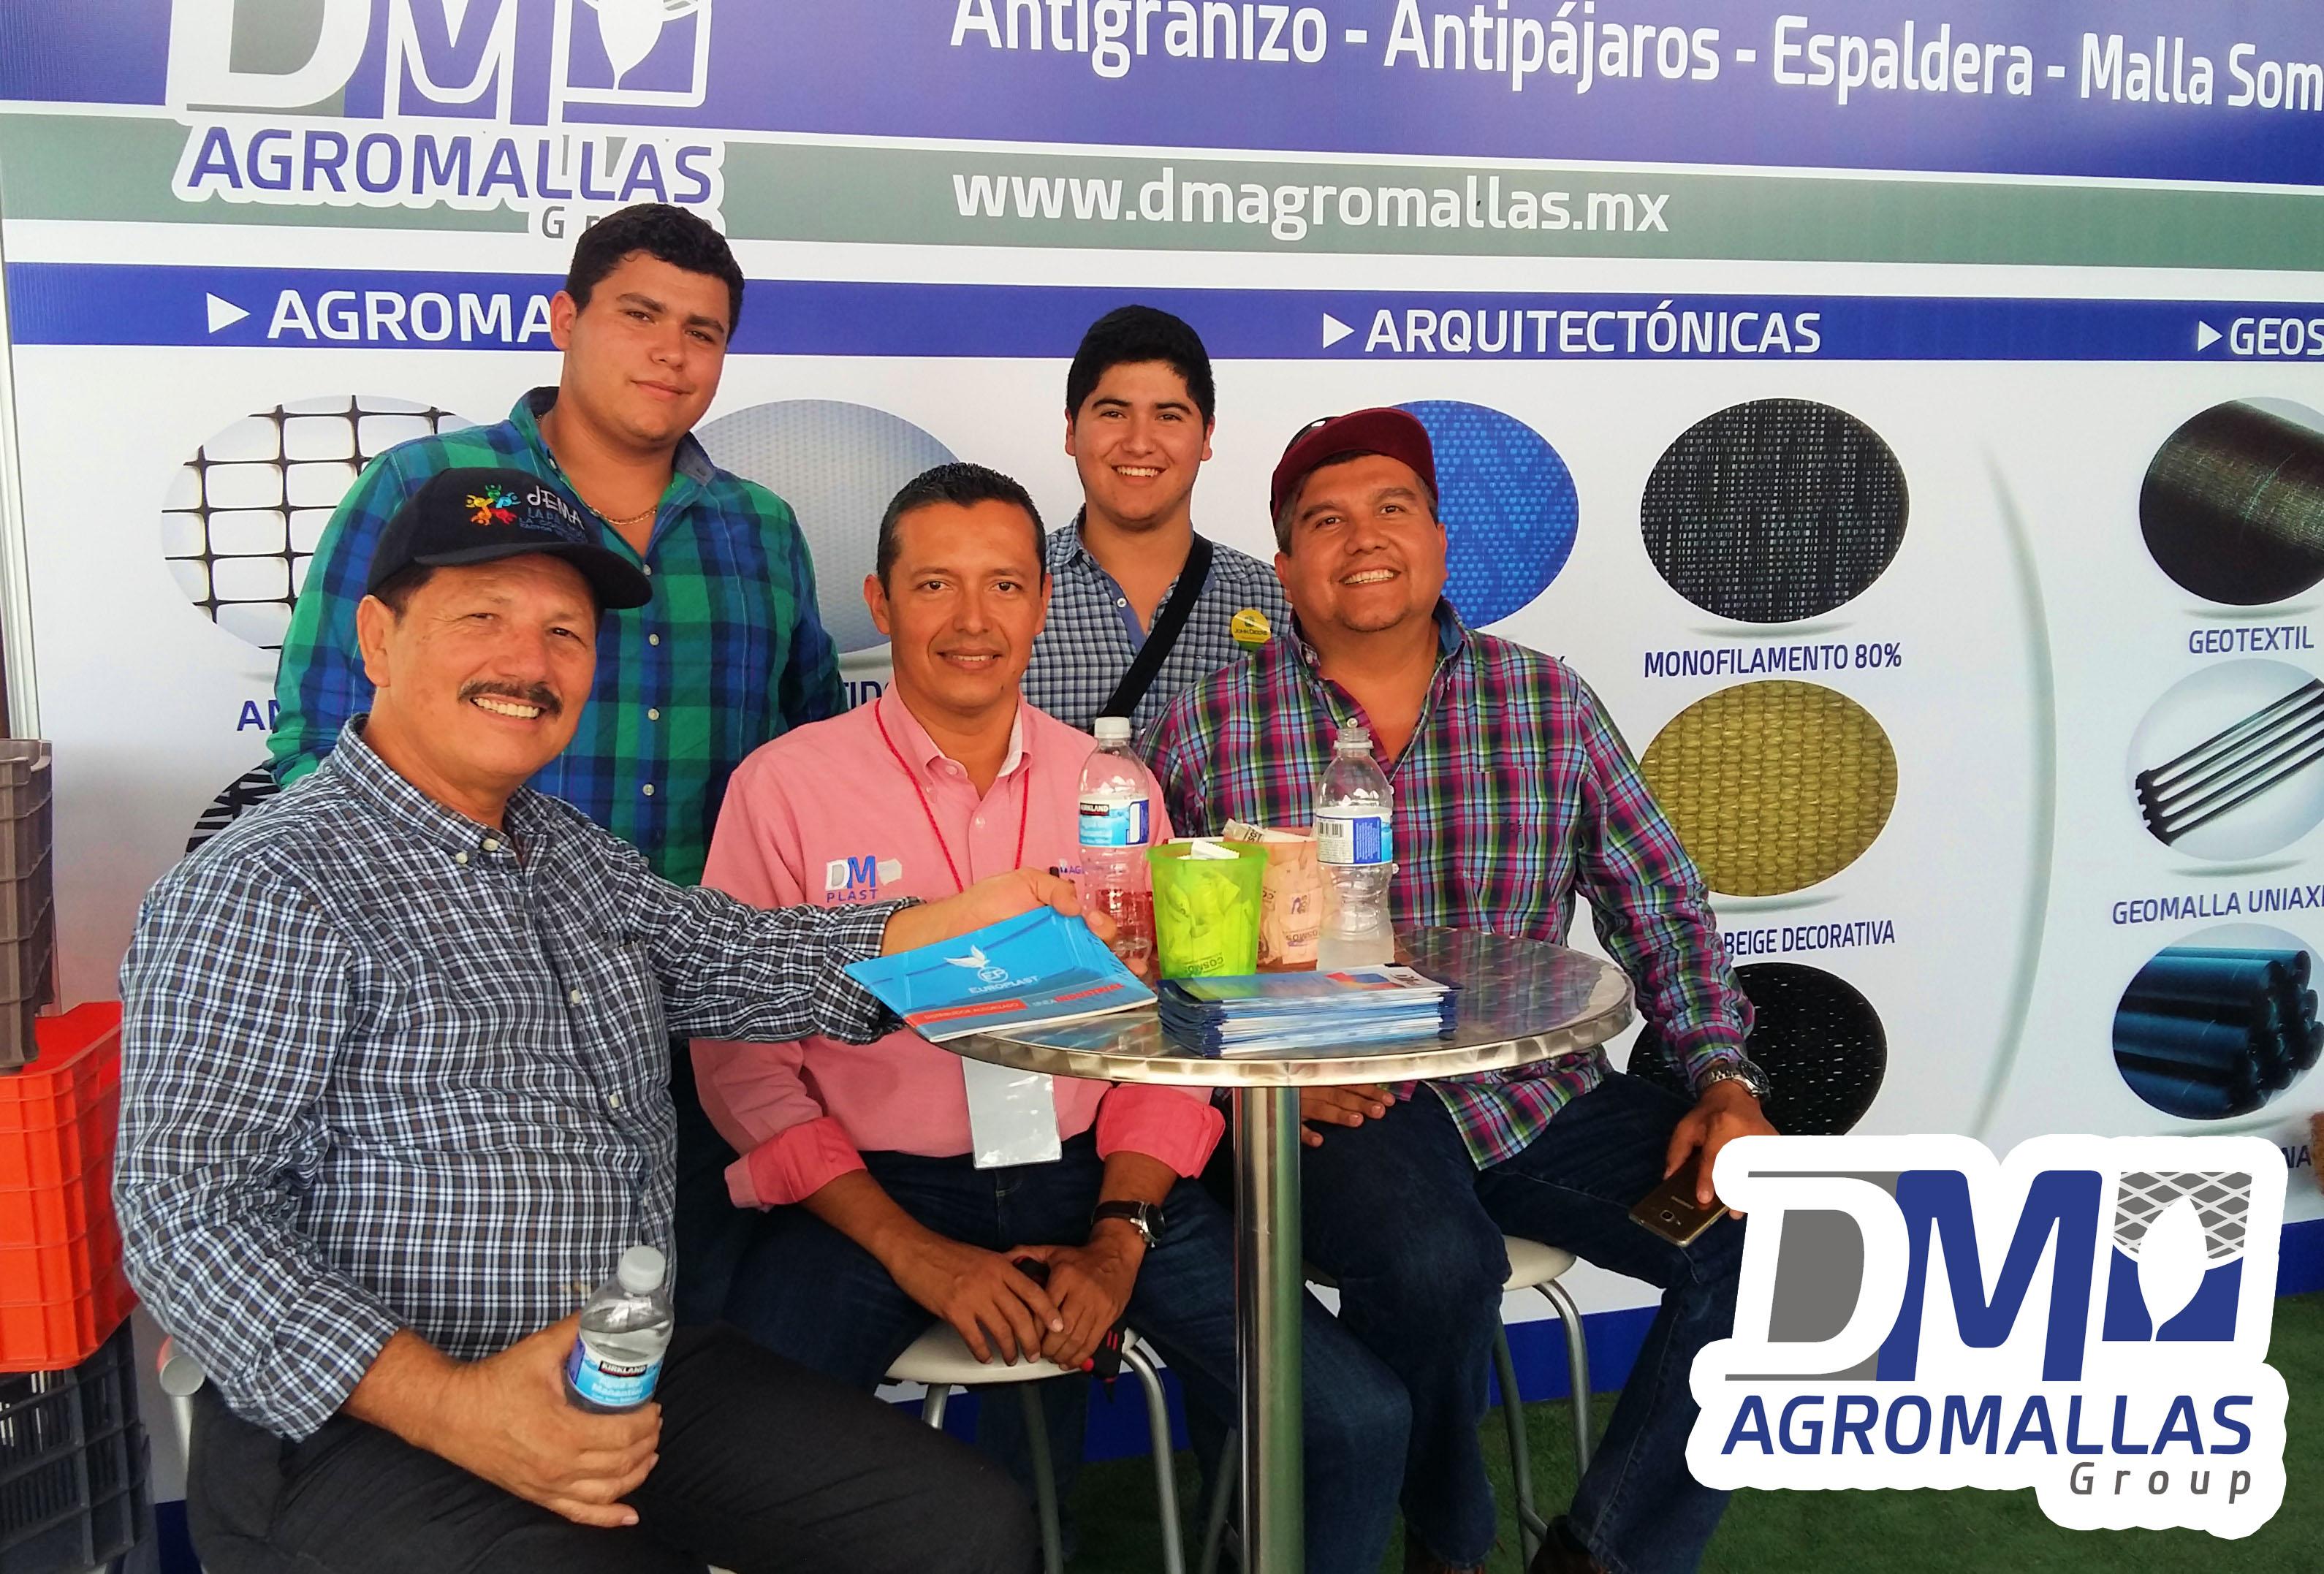 expoagrosinaloa2017_dmtecnologias_agromallas_cajas agricolas_1